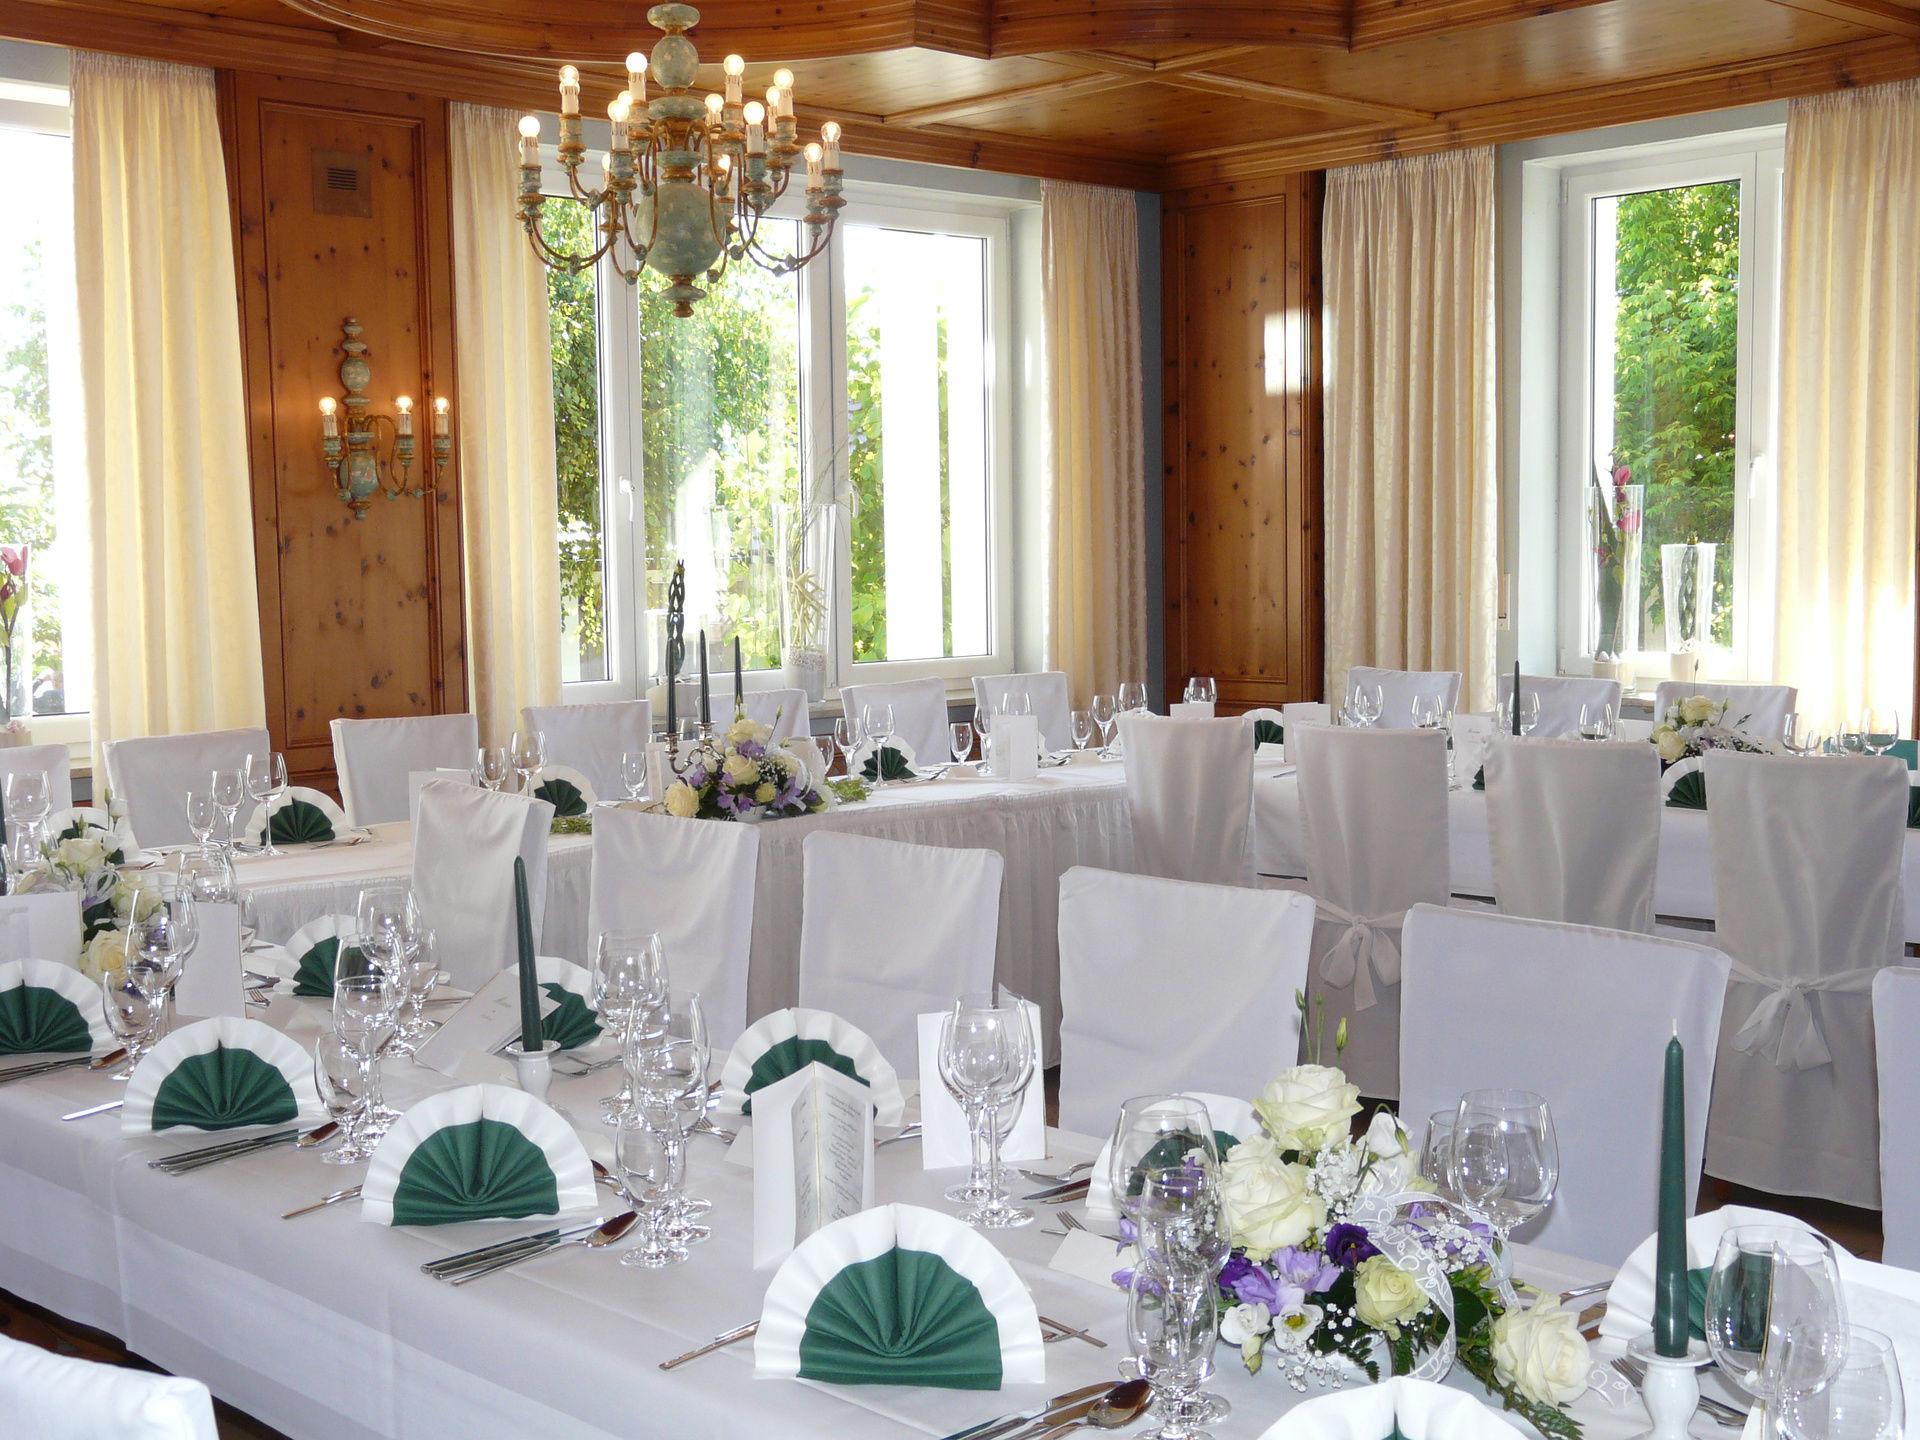 Heiraten Hochzeit Hotel Nurnberg Hochzeitslocatioin Hochzeiten